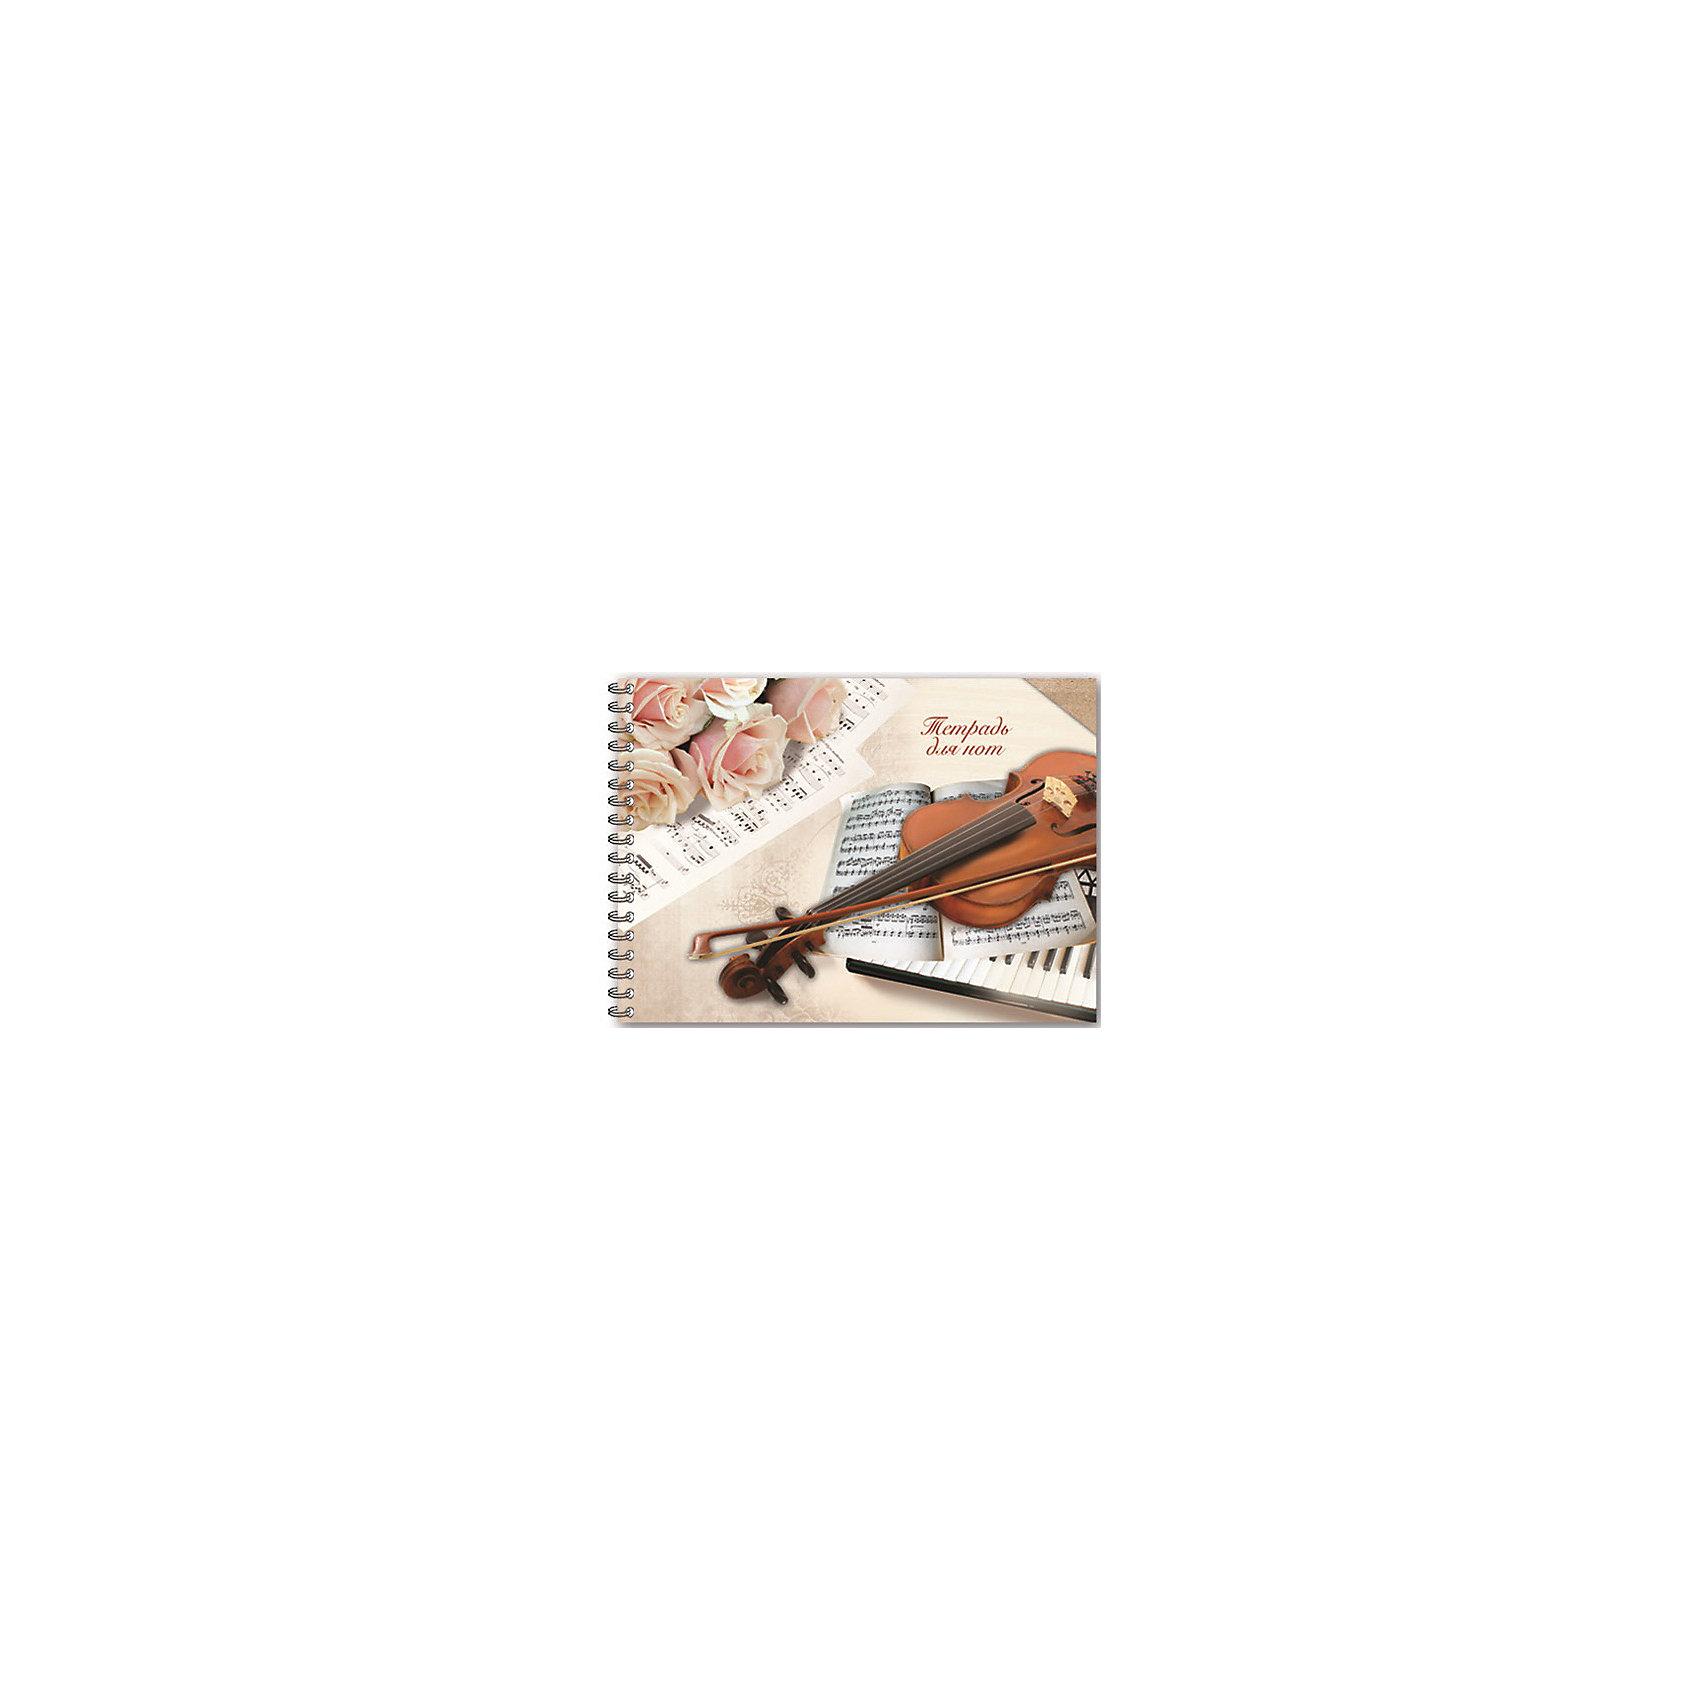 Тетрадь для нот Скрипка и ноты, 48 л., А4Занятия ребенка музыкой всегда требуют приобретения специализированных атрибутов. Так пусть они будут стильными и качественными! Ведь с ними работать - намного приятней.<br>Тетрадь для нот Скрипка и ноты - большого удобного формата А4, в ней - 48 л. Обложка - из плотного картона с красивым рисунком. Листы скреплены спиралью, а значит, каждый из них можно вырвать, не портя внешний вид тетради. Изделие произведено из качественных и безопасных для ребенка материалов.<br><br>Дополнительная информация:<br><br>цвет: разноцветный;<br>формат: А4;<br>48 листов;<br>обложка: картон;<br>крепление: пружина.<br><br>Тетрадь для нот Скрипка и ноты, 48 л., А4 можно купить в нашем магазине.<br><br>Ширина мм: 300<br>Глубина мм: 210<br>Высота мм: 5<br>Вес г: 235<br>Возраст от месяцев: 48<br>Возраст до месяцев: 2147483647<br>Пол: Унисекс<br>Возраст: Детский<br>SKU: 4746176